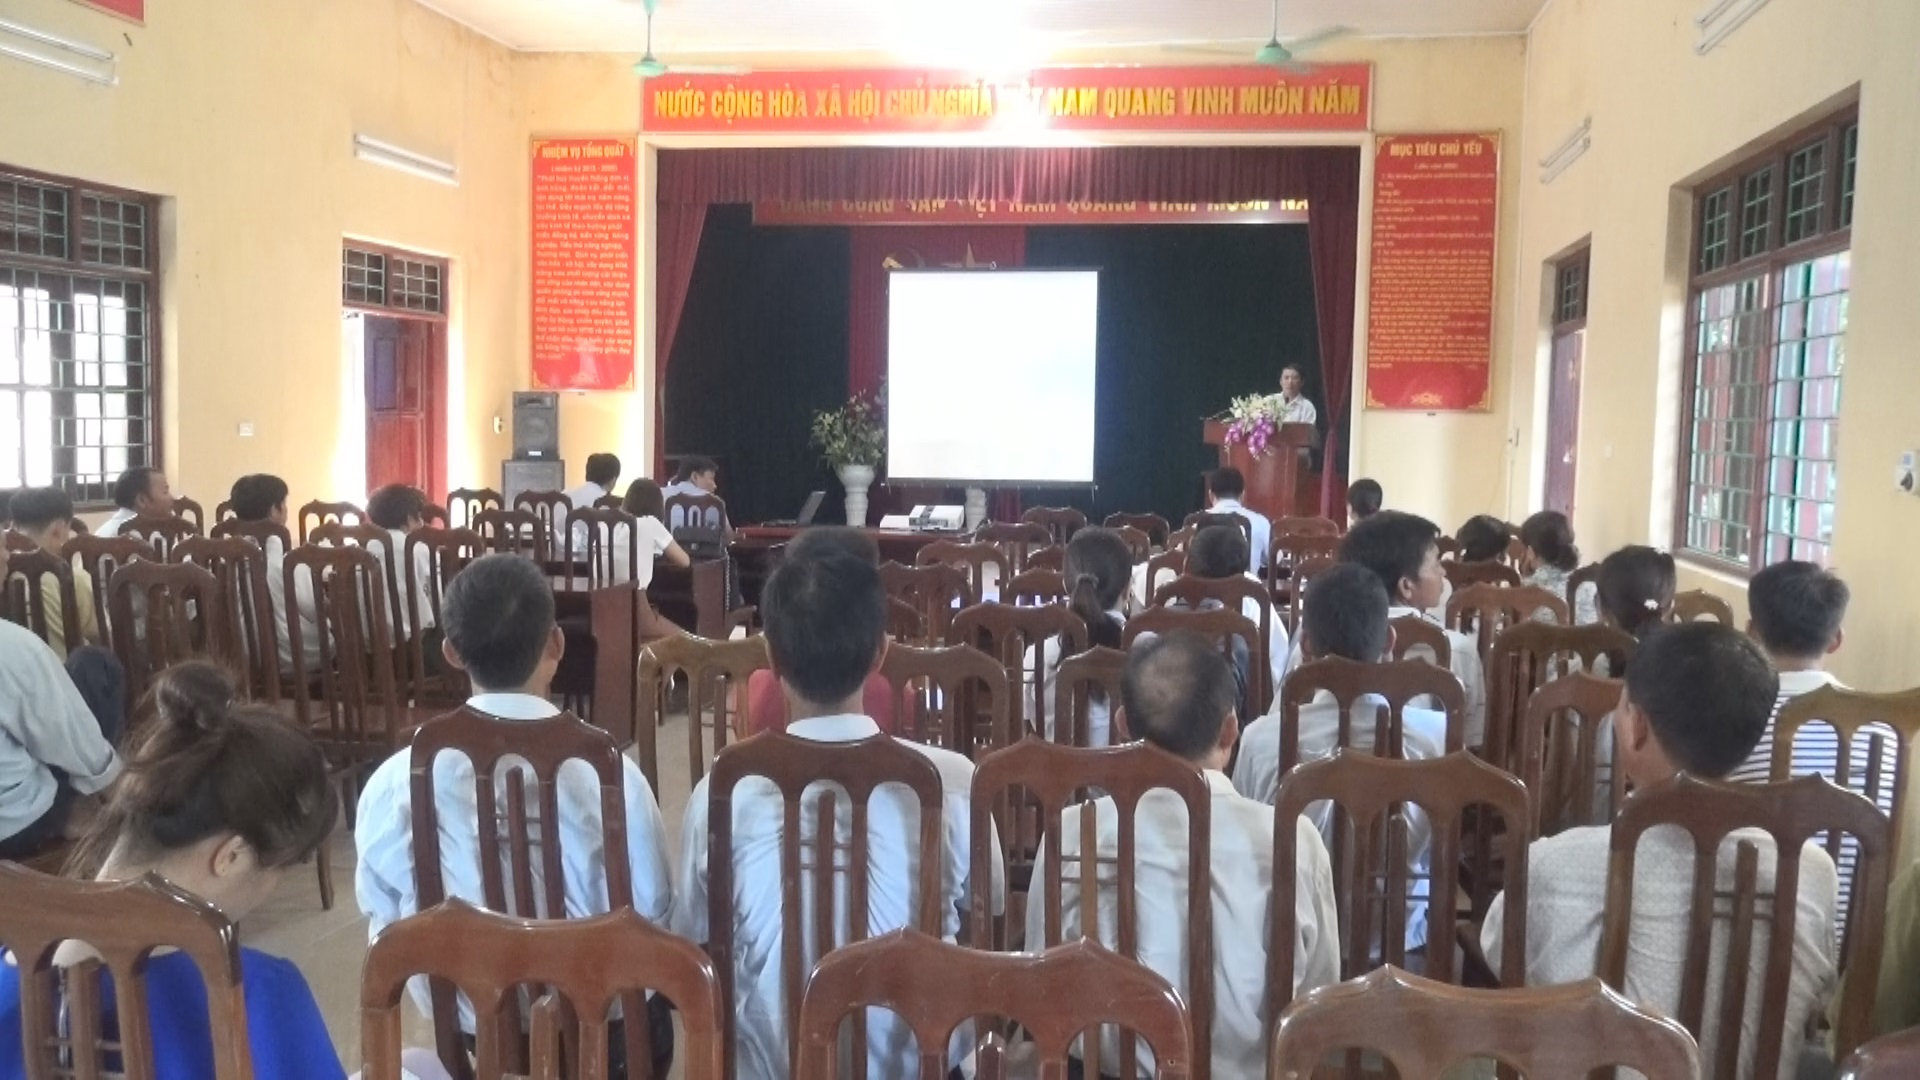 Trạm Thú y huyện Thạch Thất tập huấn kỹ thuật phòng và điều trị bệnh cho vật nuôi